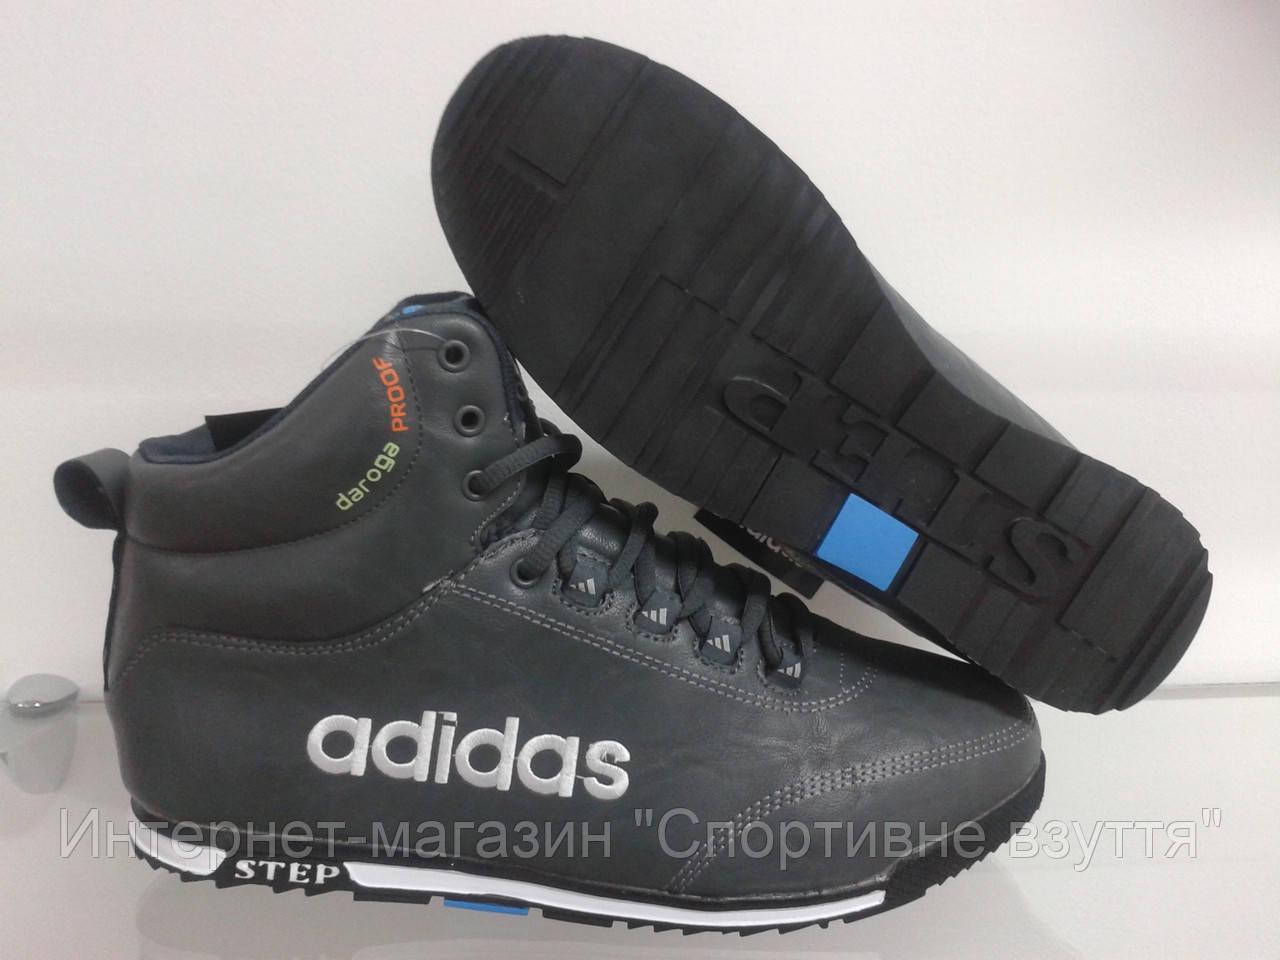 Adidas кроссовки зимние на меху - Интернет-магазин